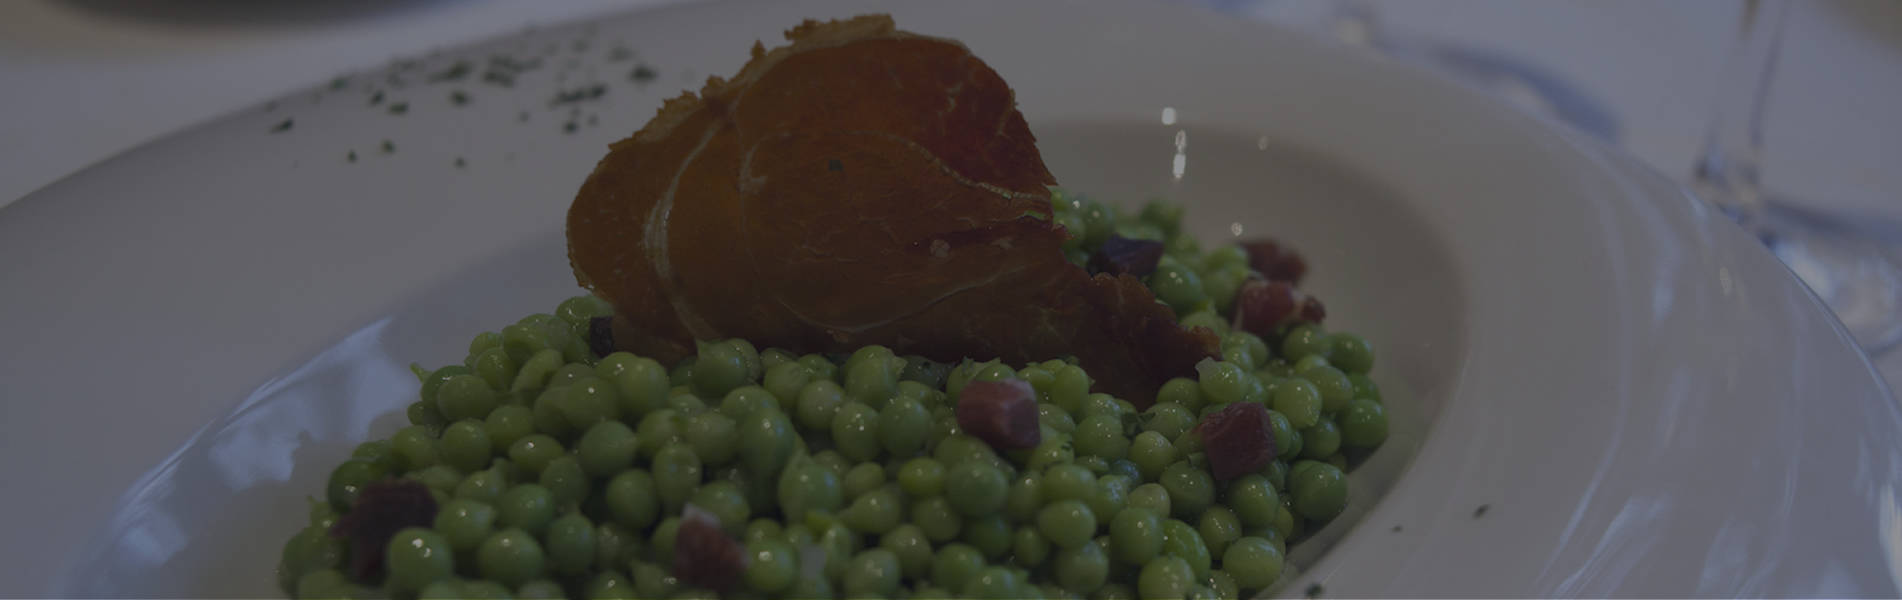 Restaurante Txartel Txoko, especialidades de verduras, pescados y mariscos en Lasarte - Oria